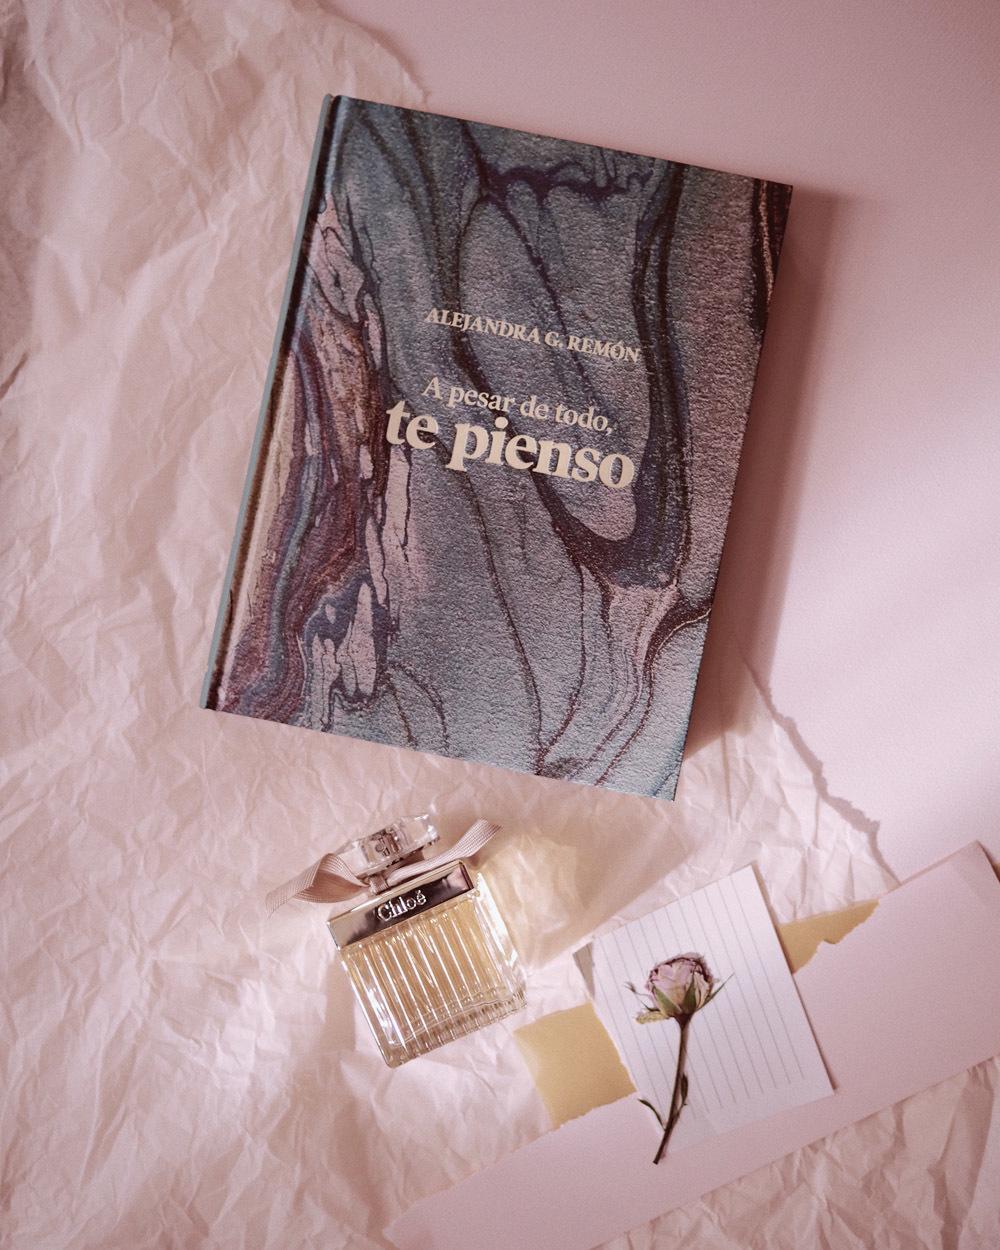 Si participas en el concurso que Alejandra G. Remón hará en su perfil de Instagram puedes llevarte su libro A pesar de todo, te pienso, y el perfume Chloé.